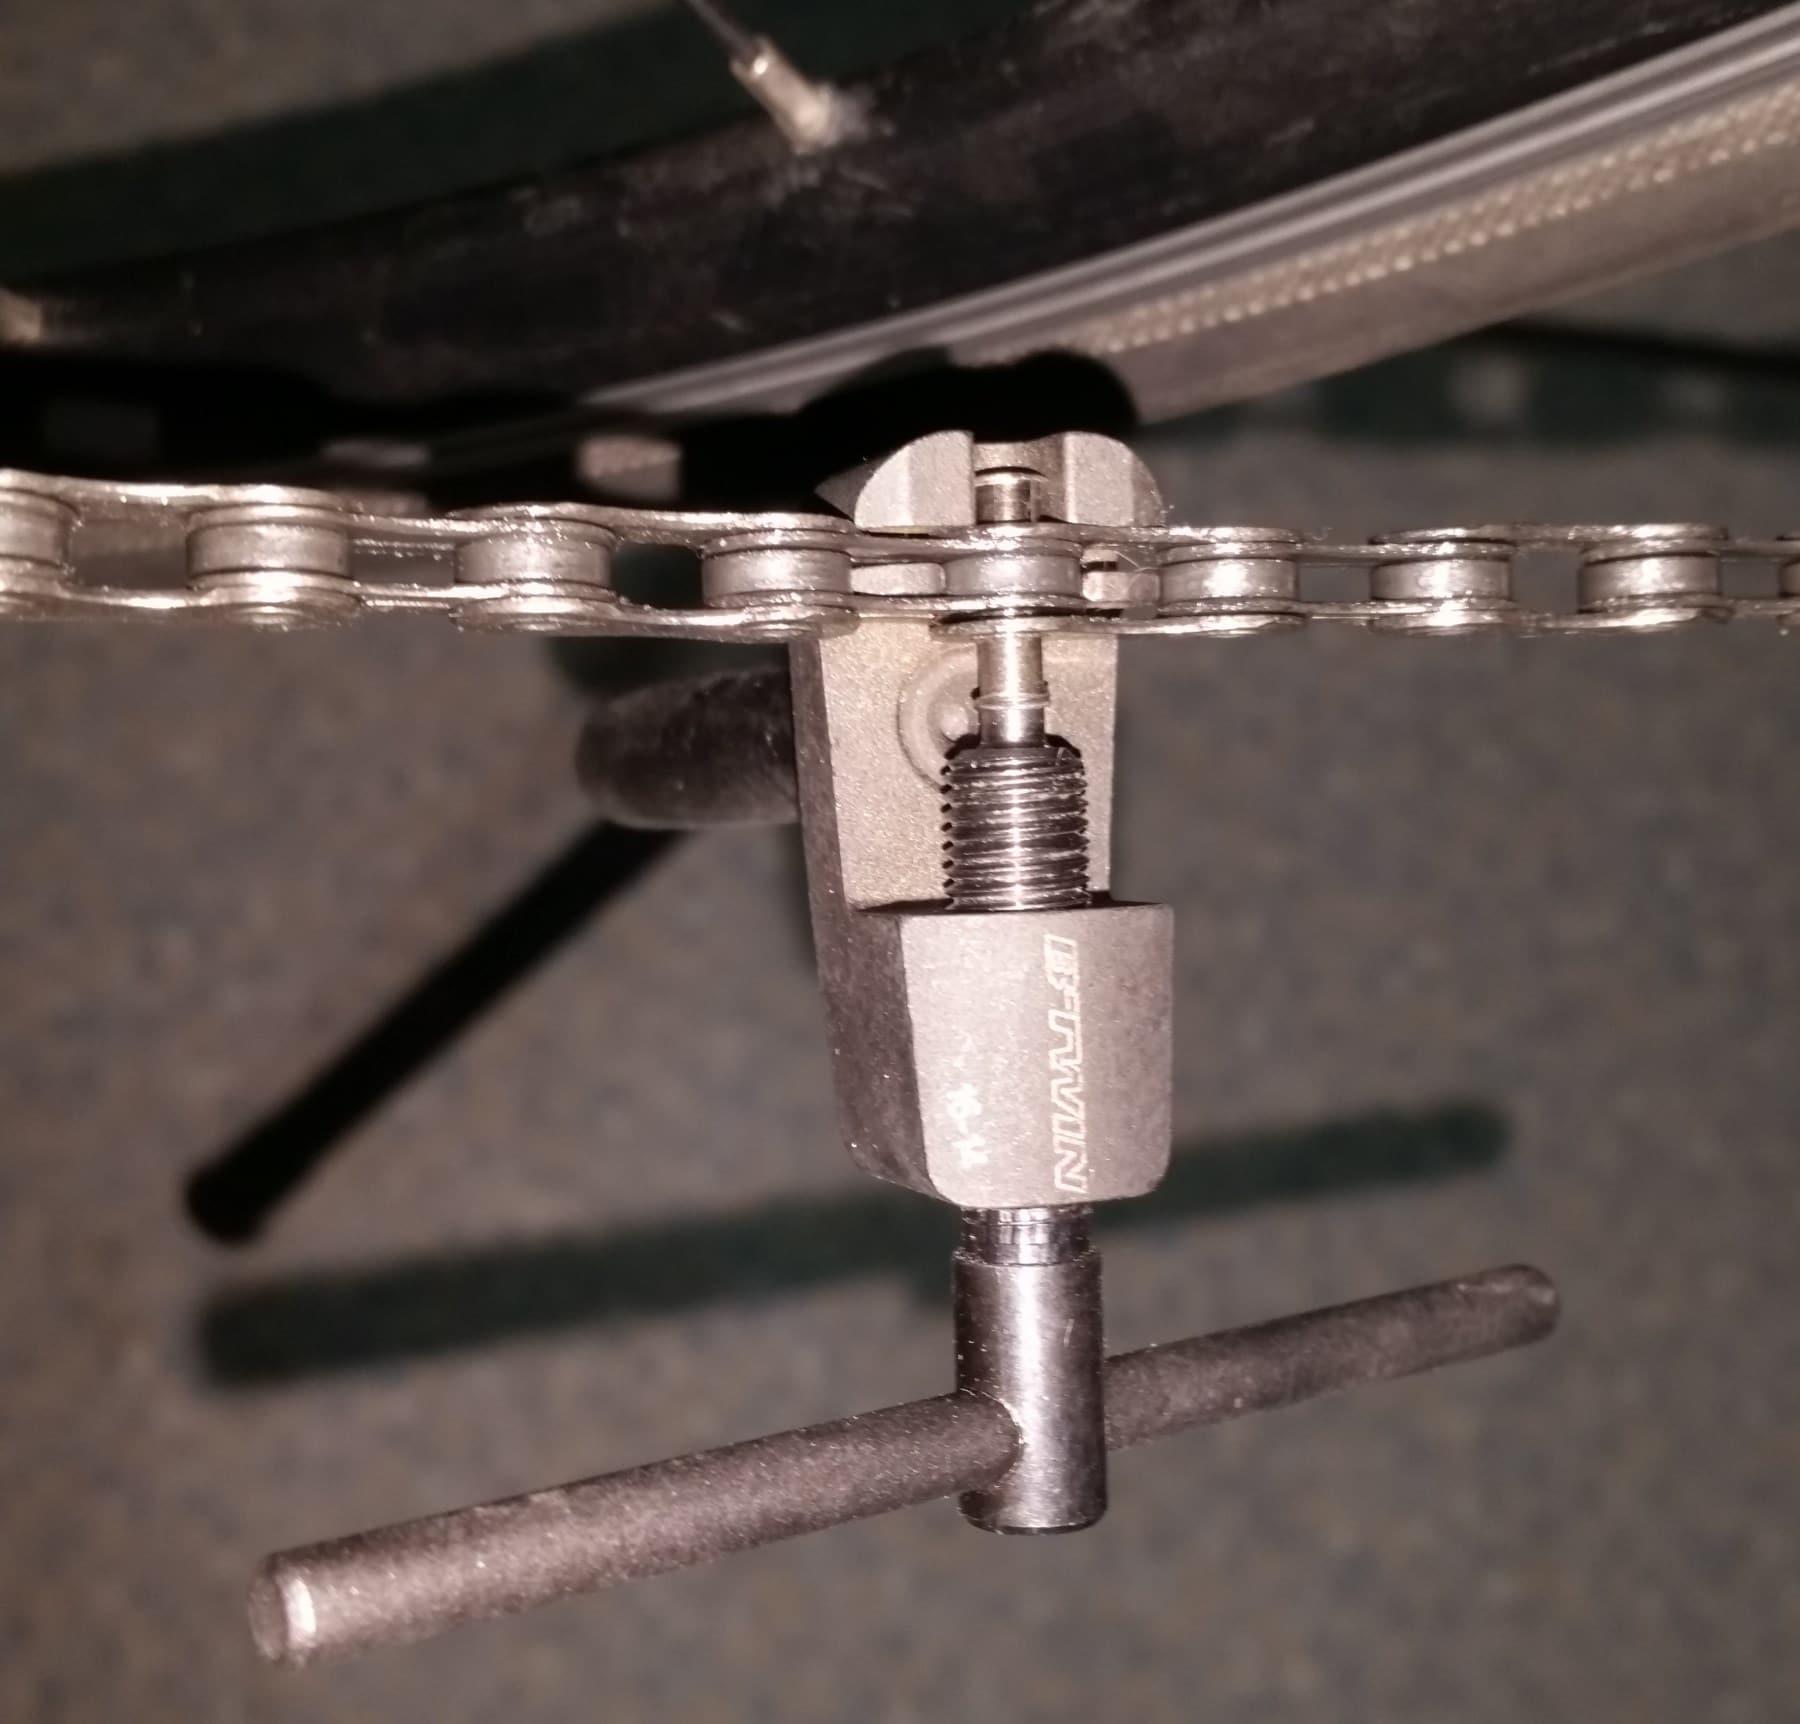 Le dérive-chaîne qui permet d'ouvrir la chaîne du vélo